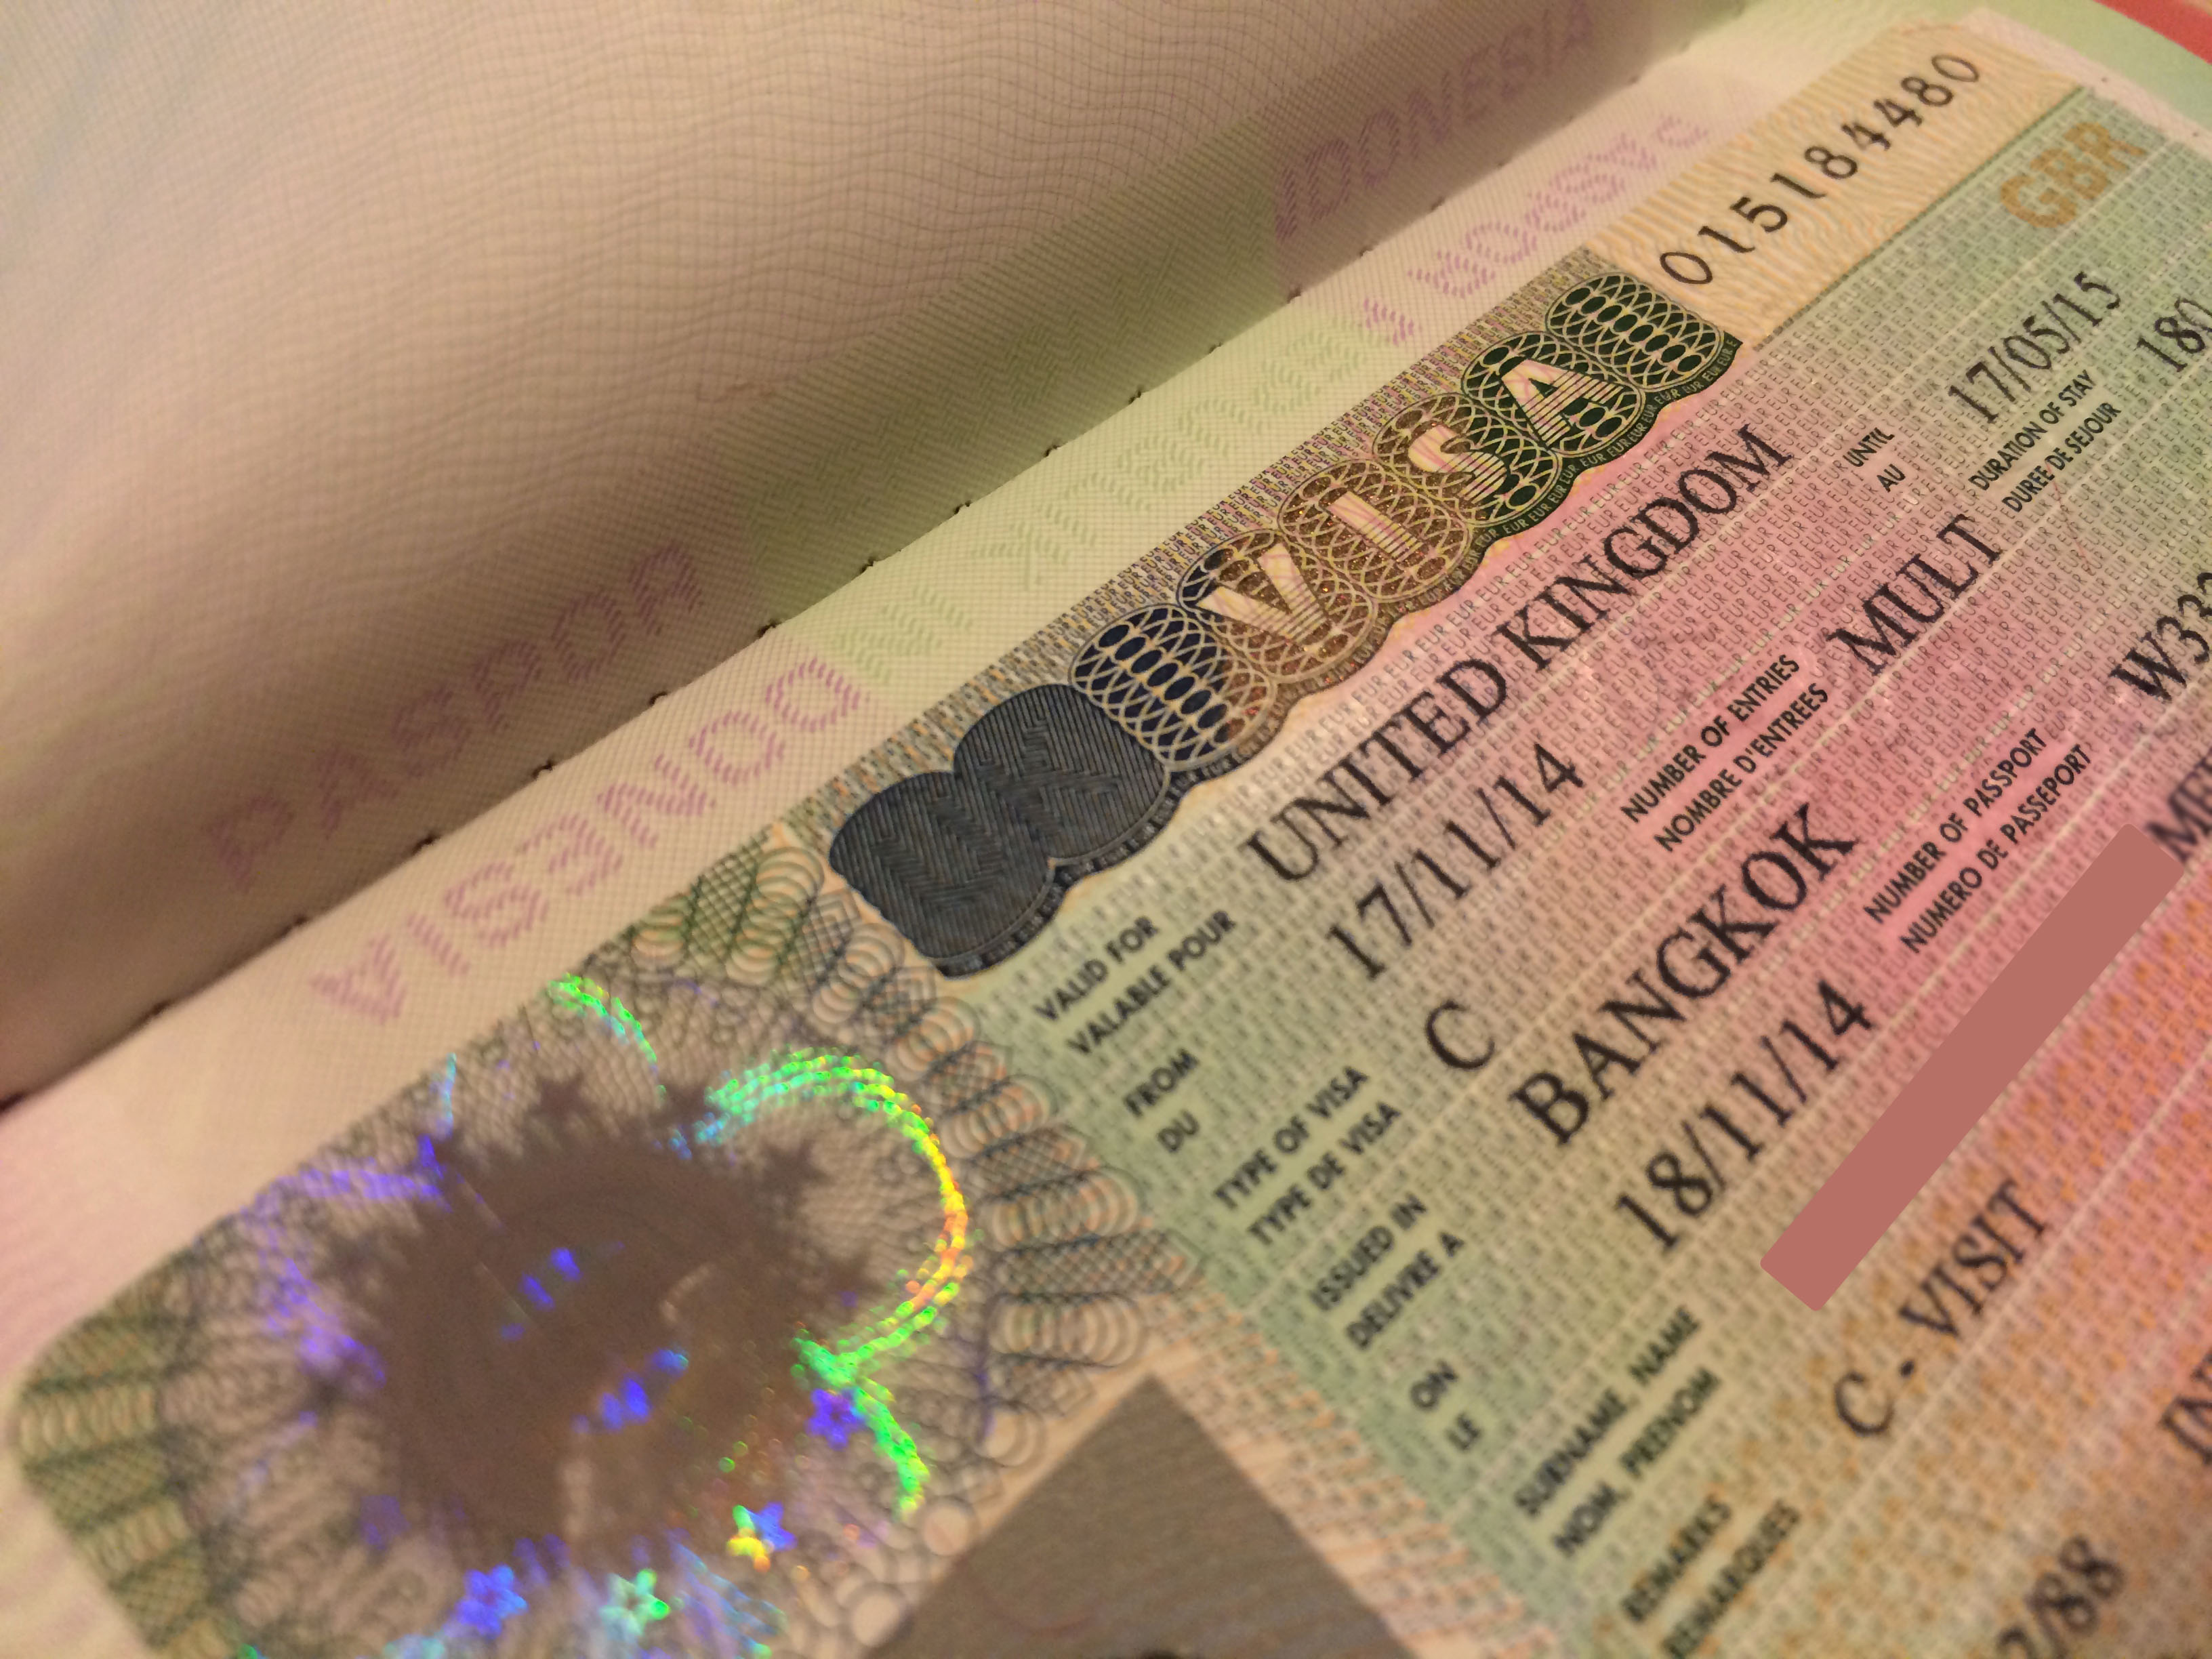 Employment Confirmation Letter Uk Visa